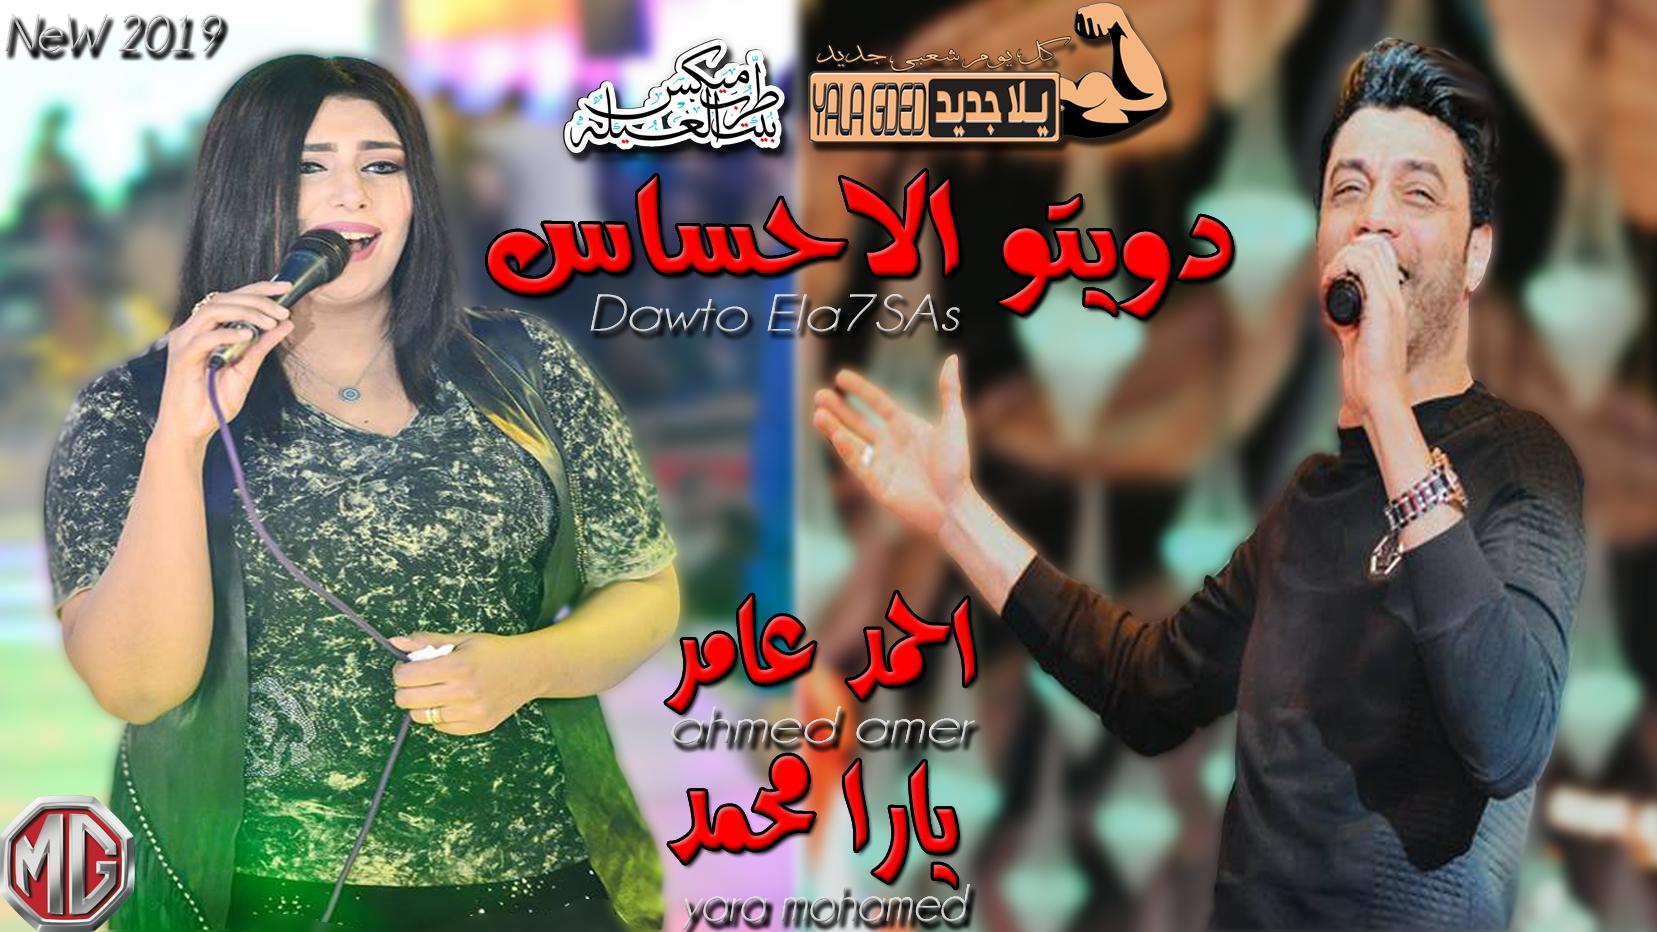 احمد عامر ويارا محمد   كمية احساس وحظ غربيه اوعى يفوتك  جديد2019